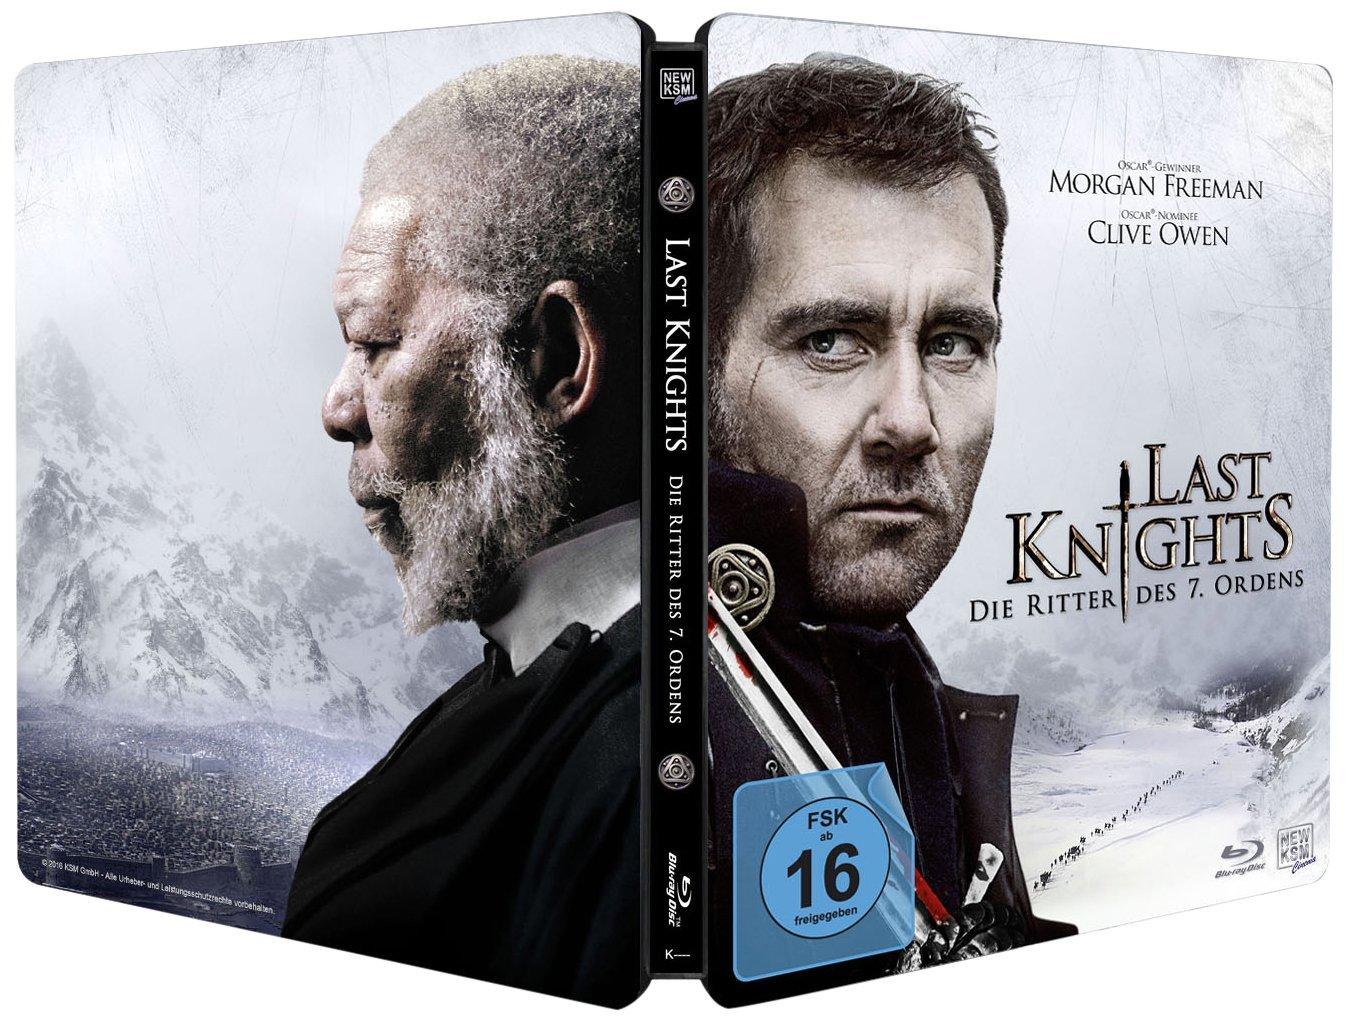 Last Knights steelbook de